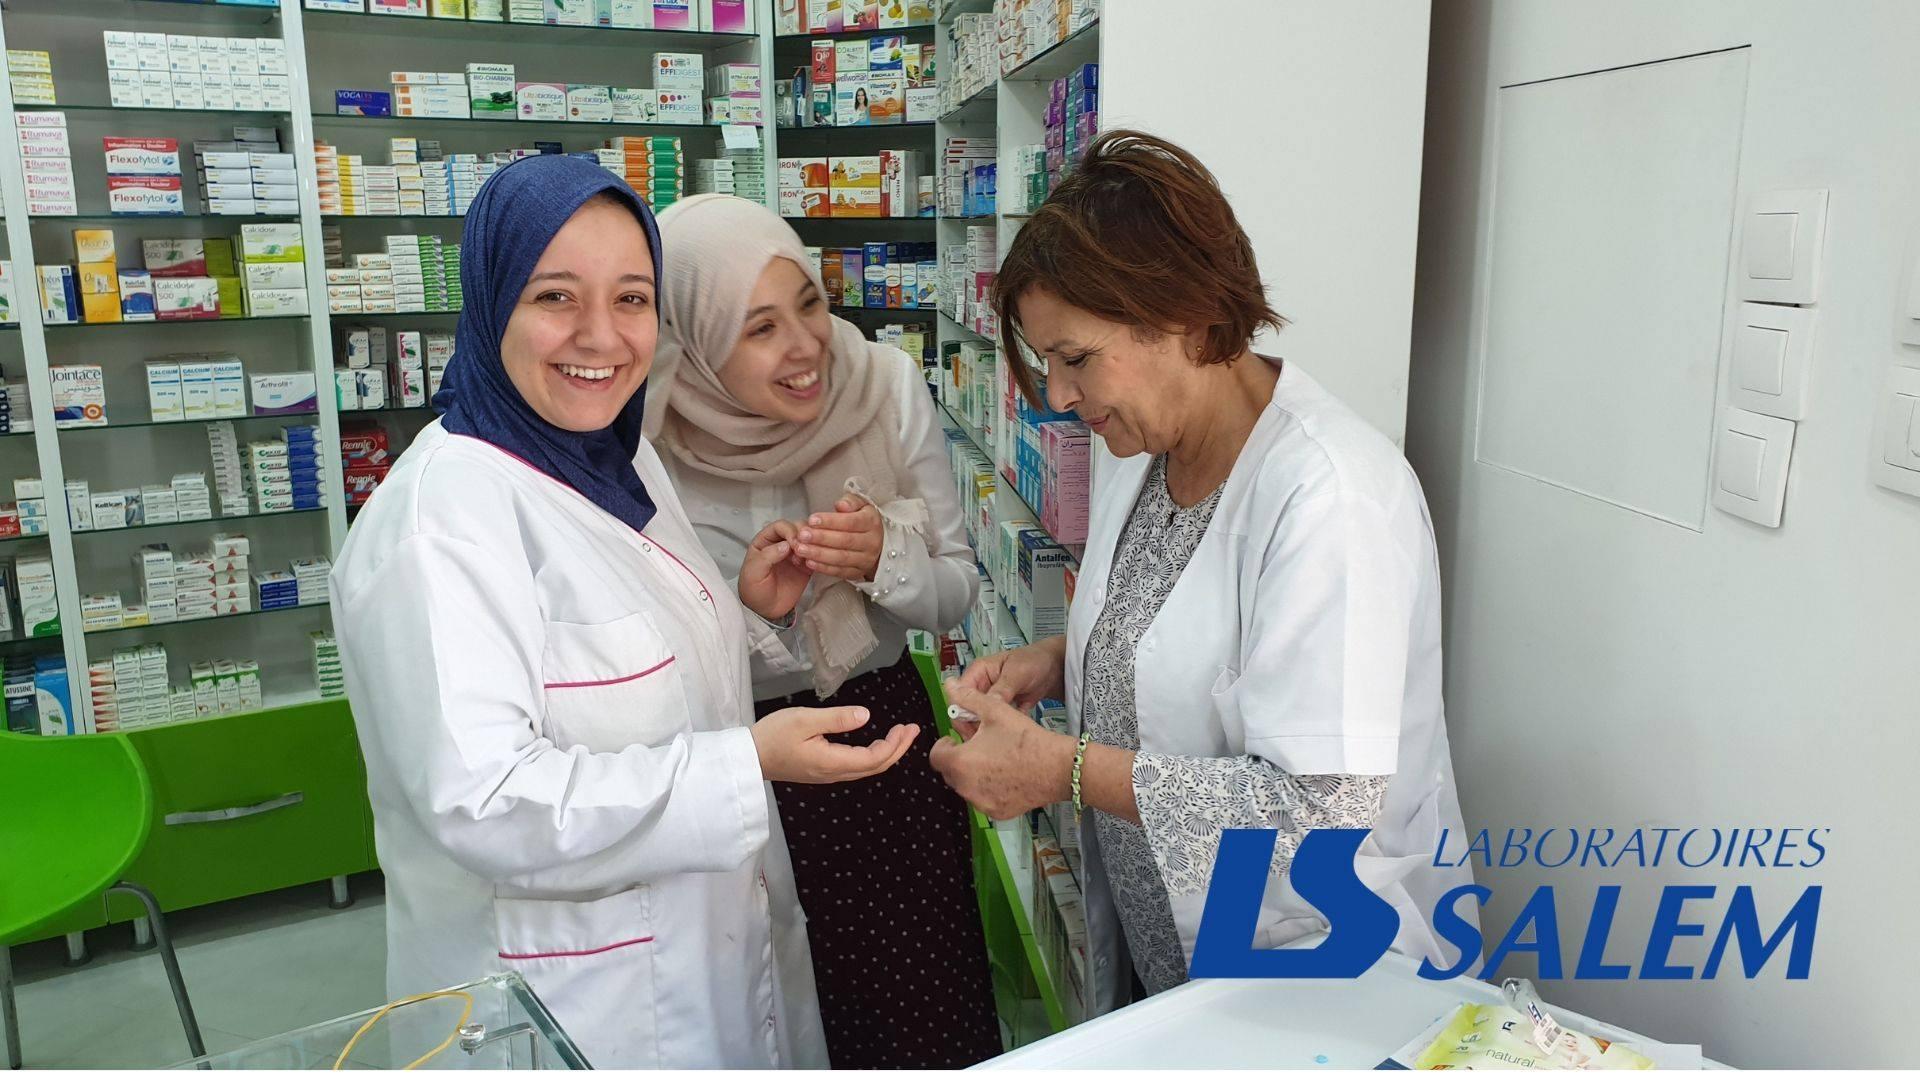 labosalem, laboratories salem, logo, logo labosalem, pharmacie